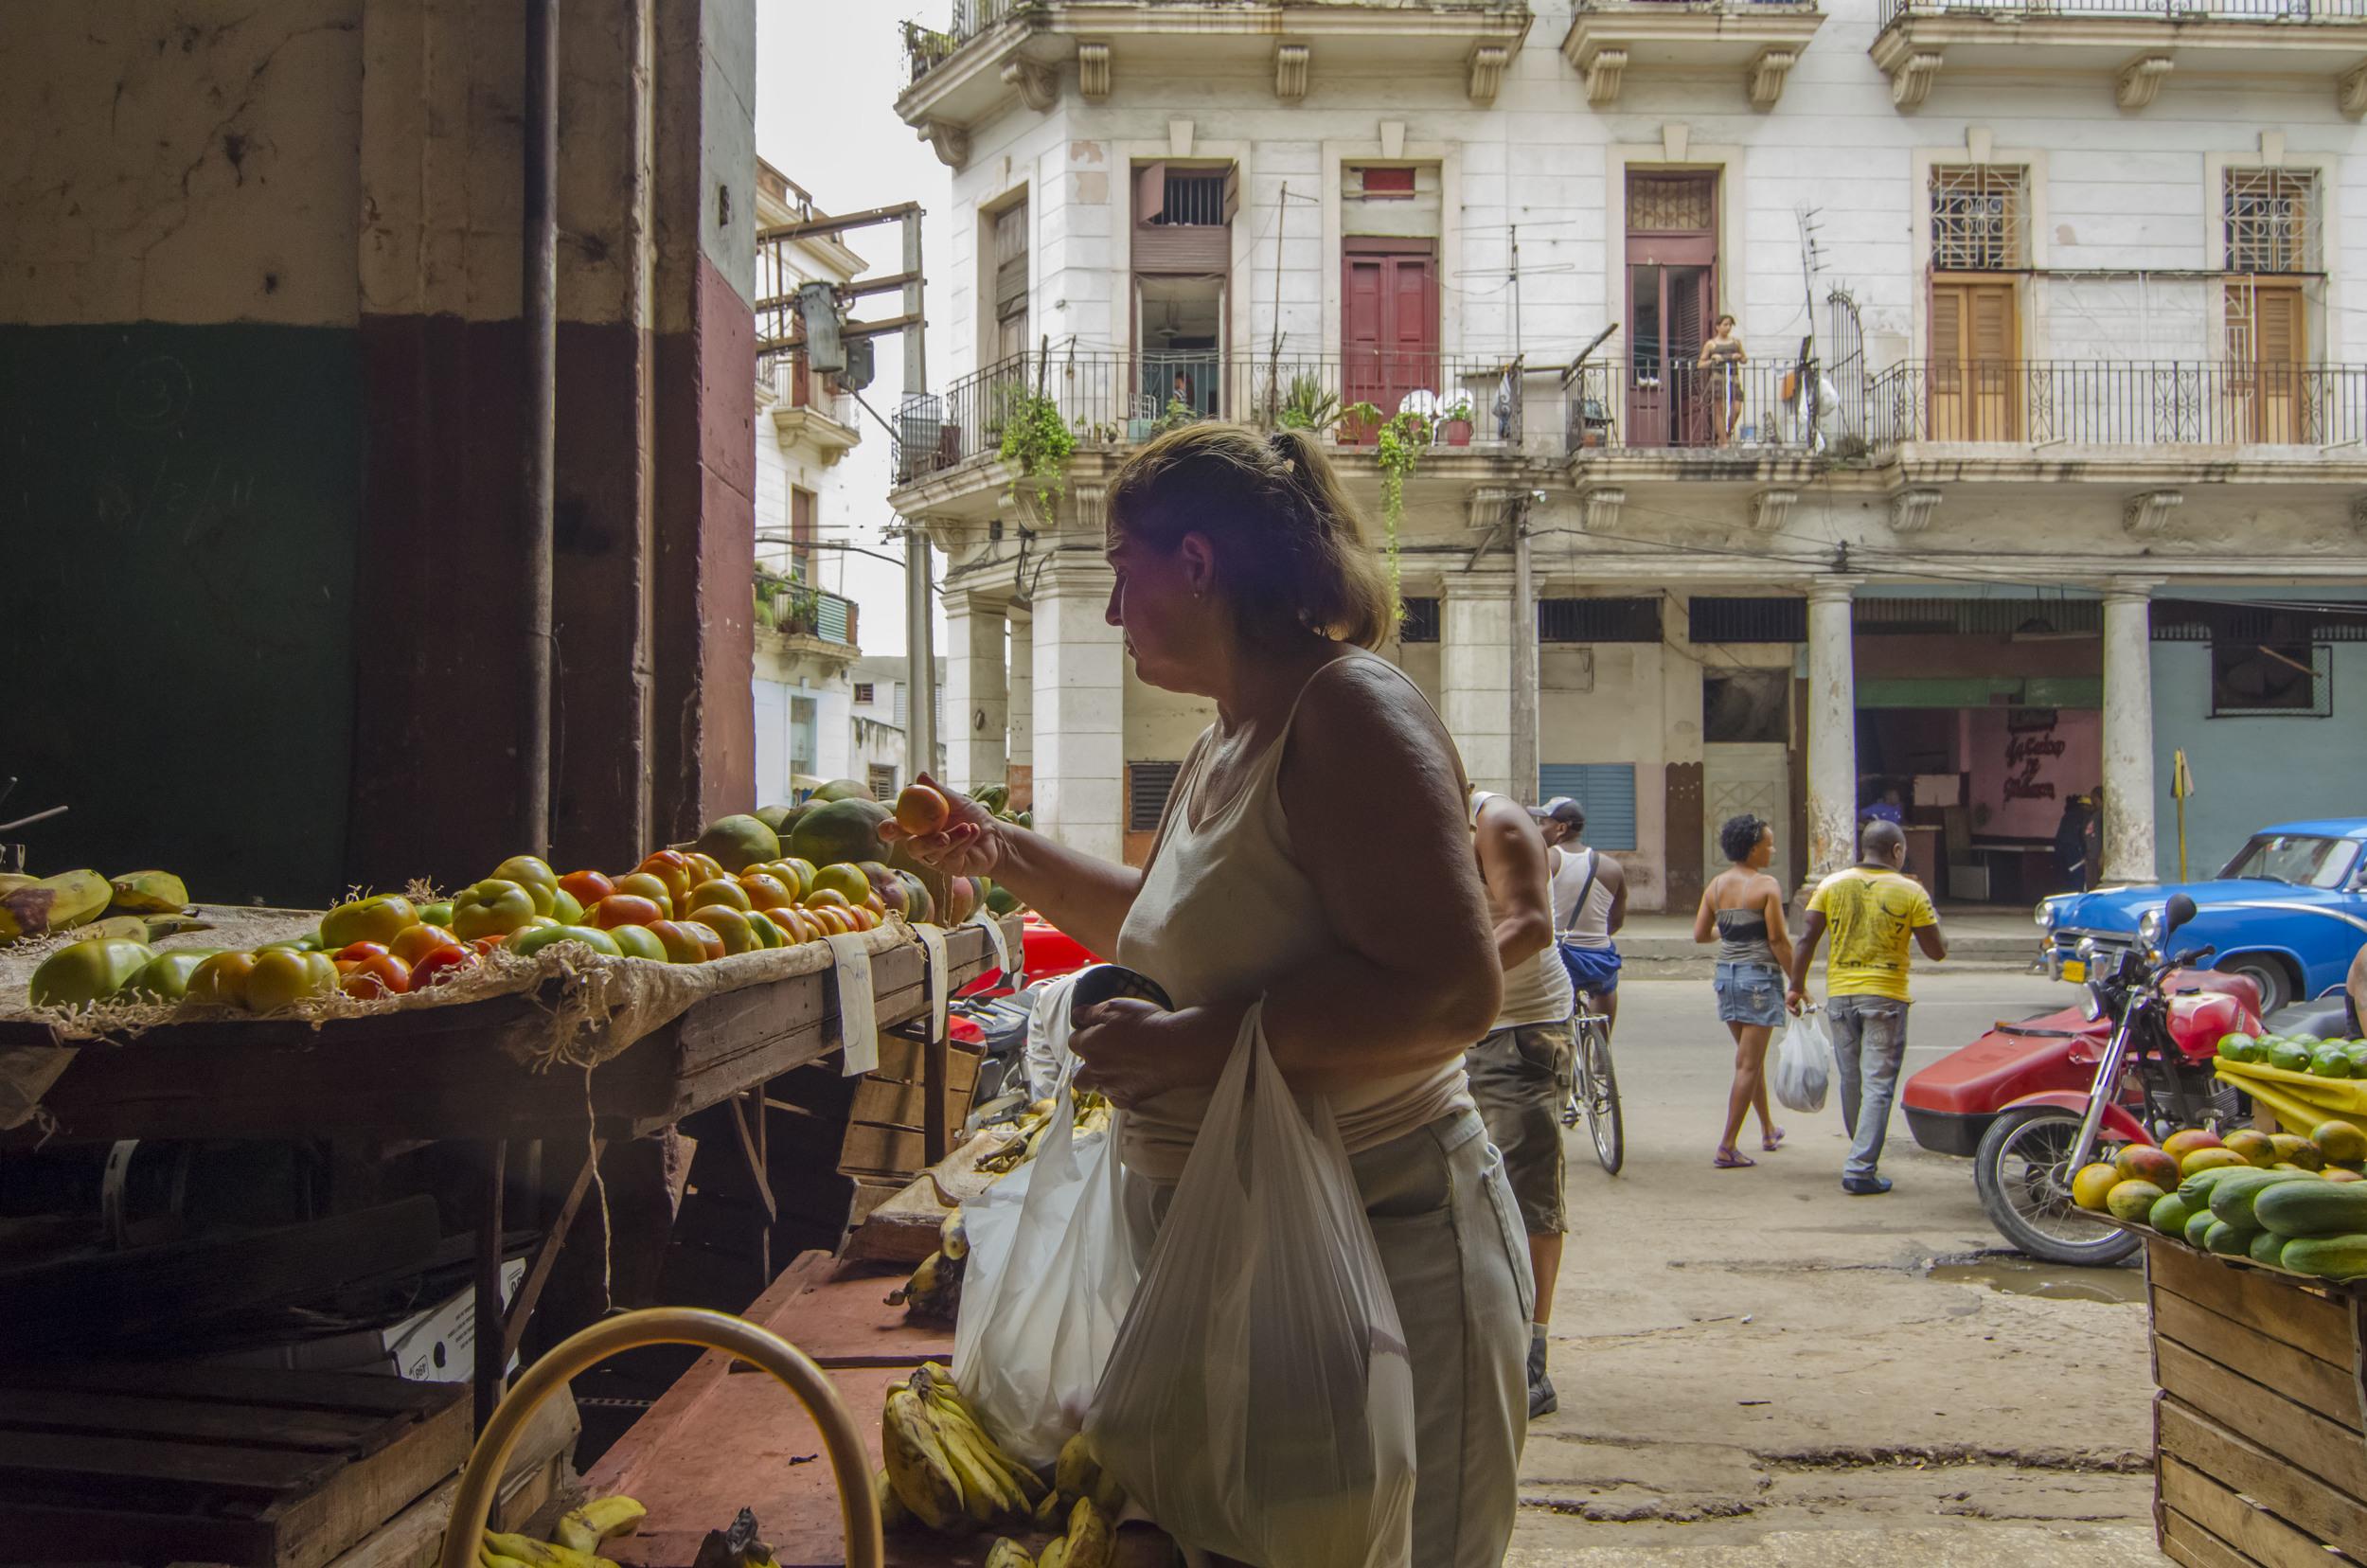 Woman in Fruit Market - Havana.